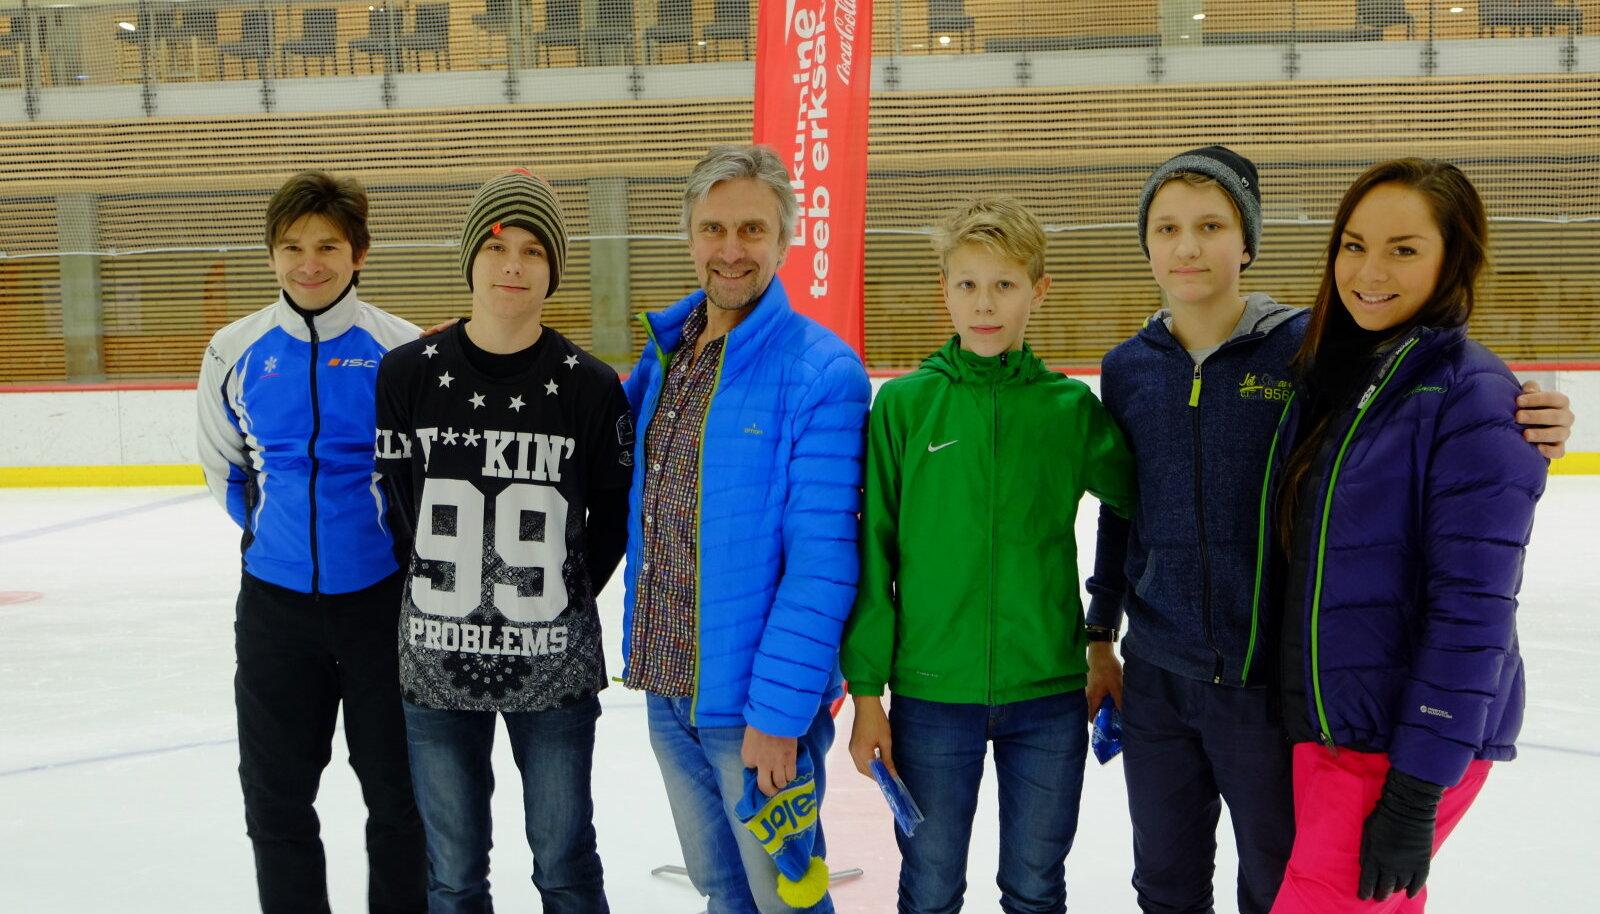 Vastlapäev Liikumine teeb erksaks! - Pikema liu tegijad koos olümpiasangarite Allar Levandi, Elena Glebova ja Margus Hernitsaga